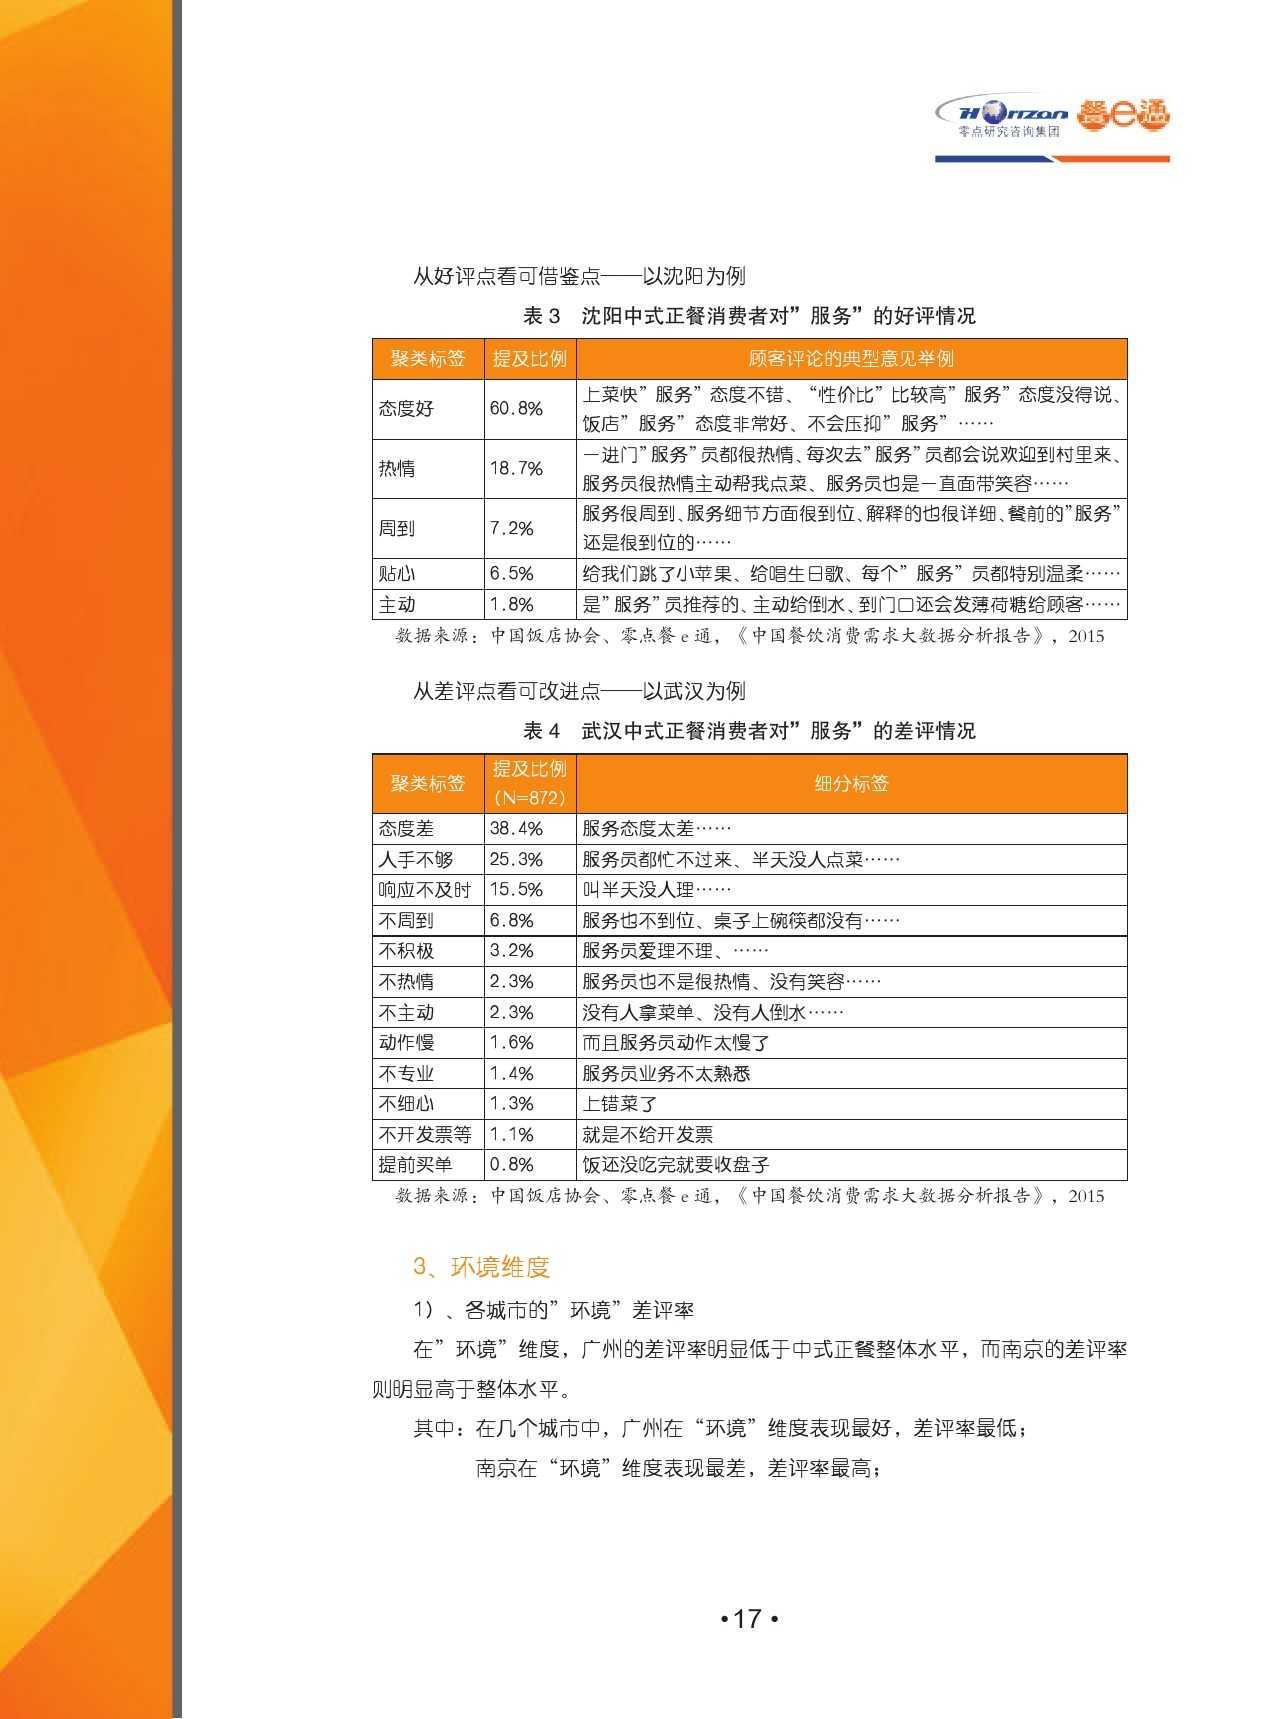 2015中国餐饮消费需求大数据分析报告_000019